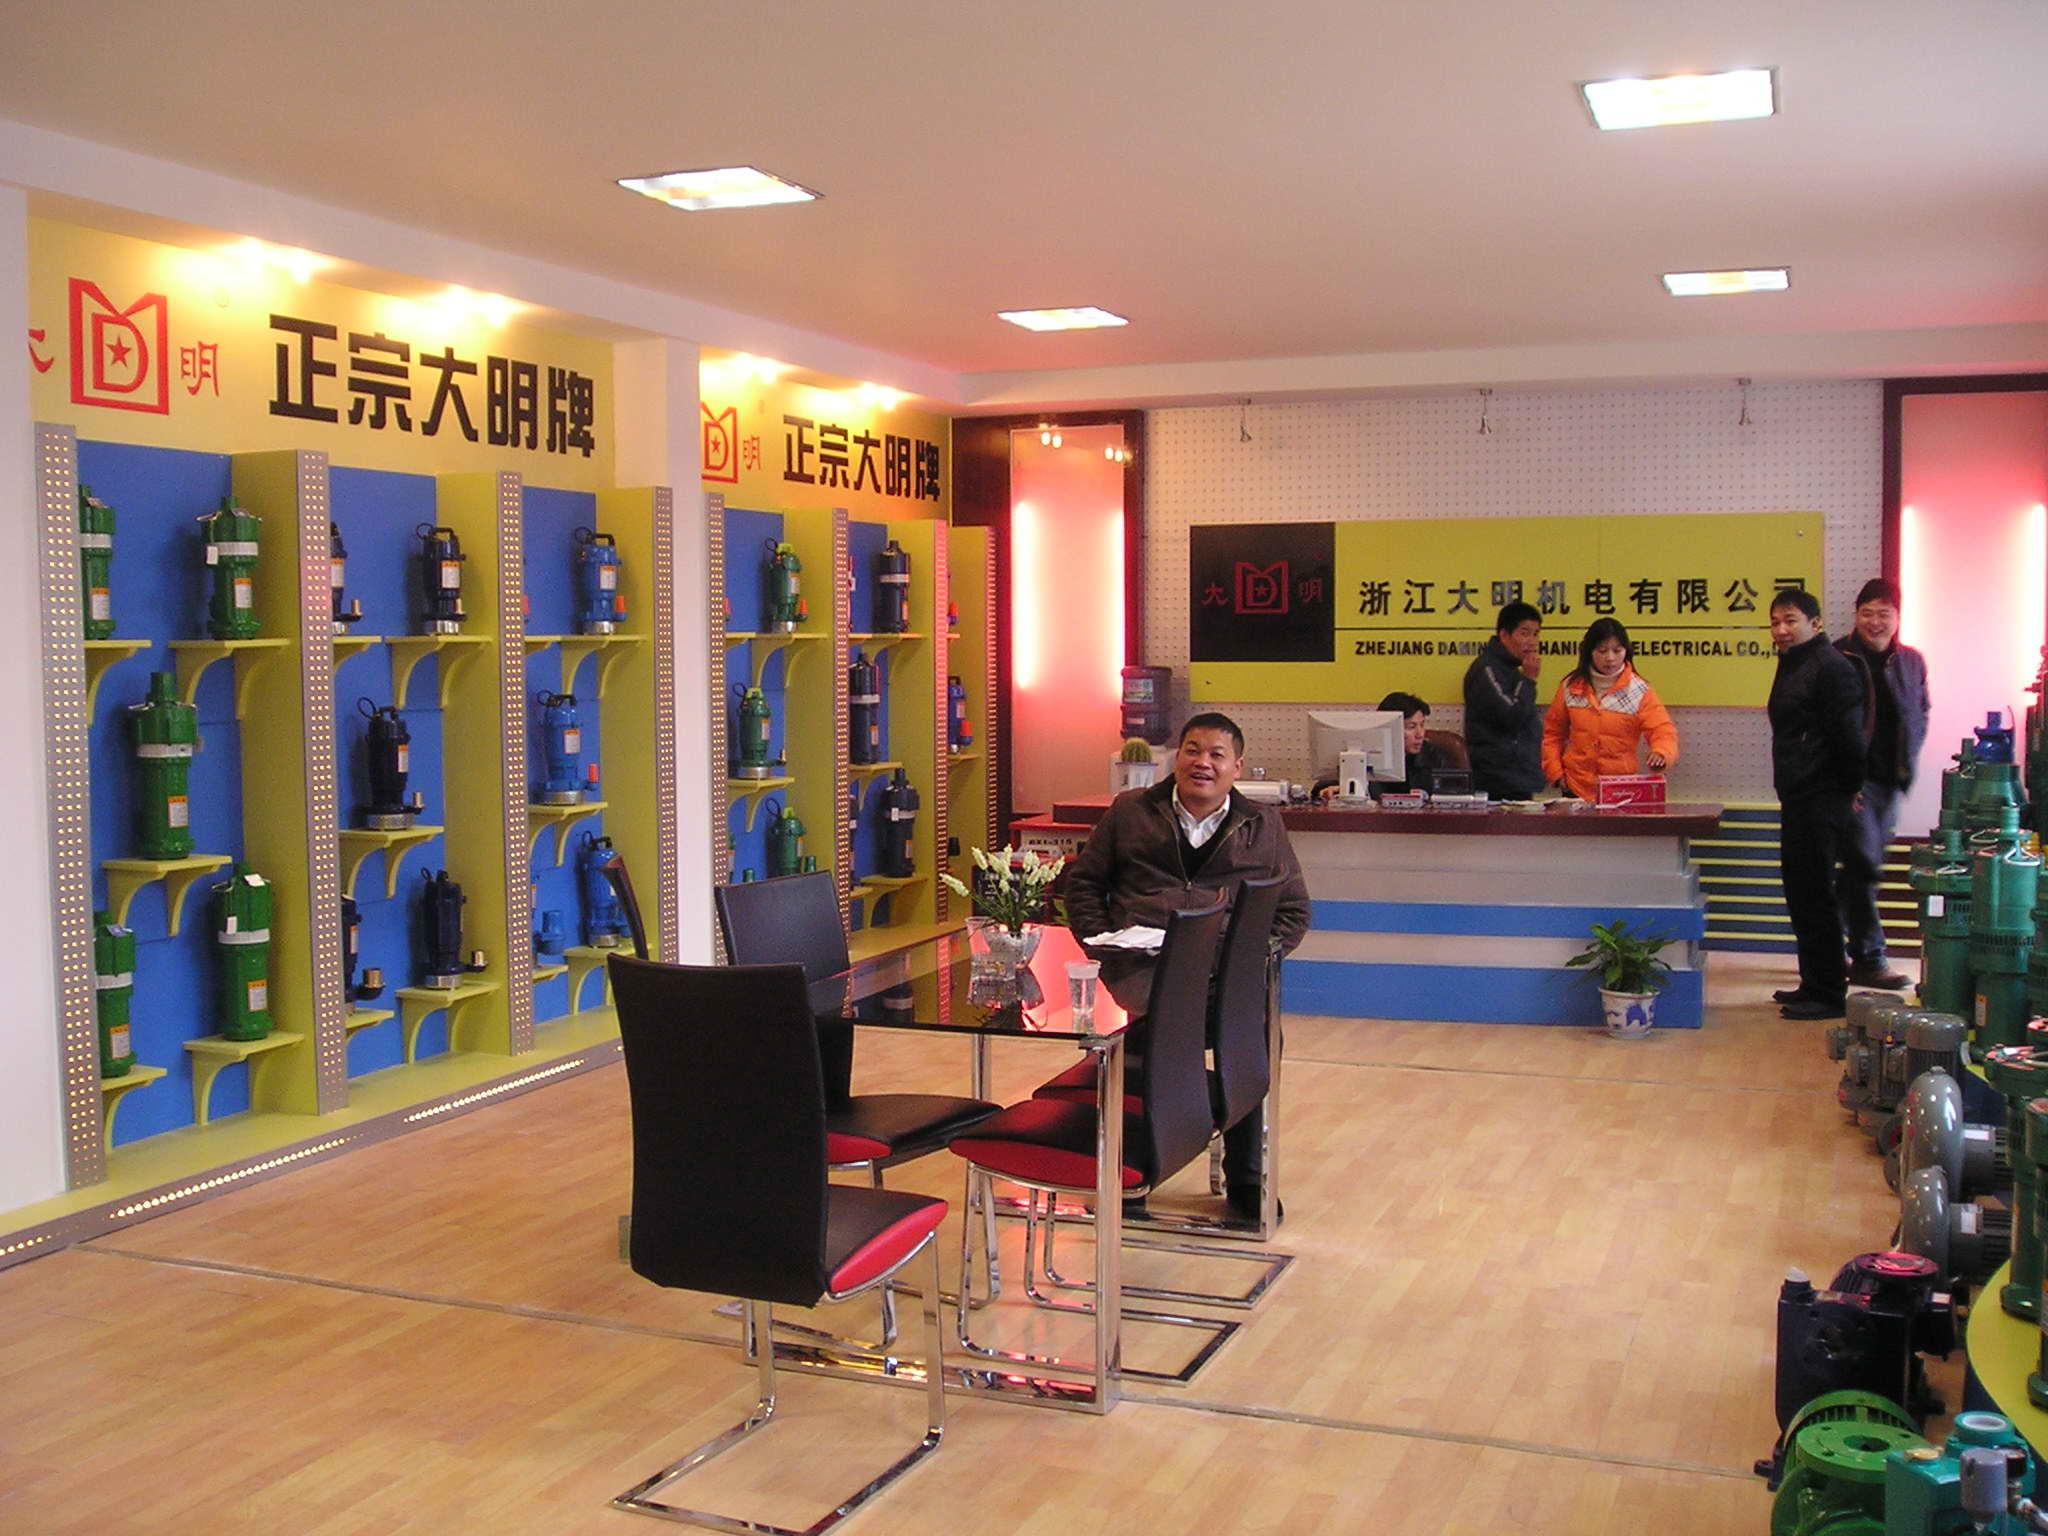 浙江大明机电有限公司-大明公司展示厅1